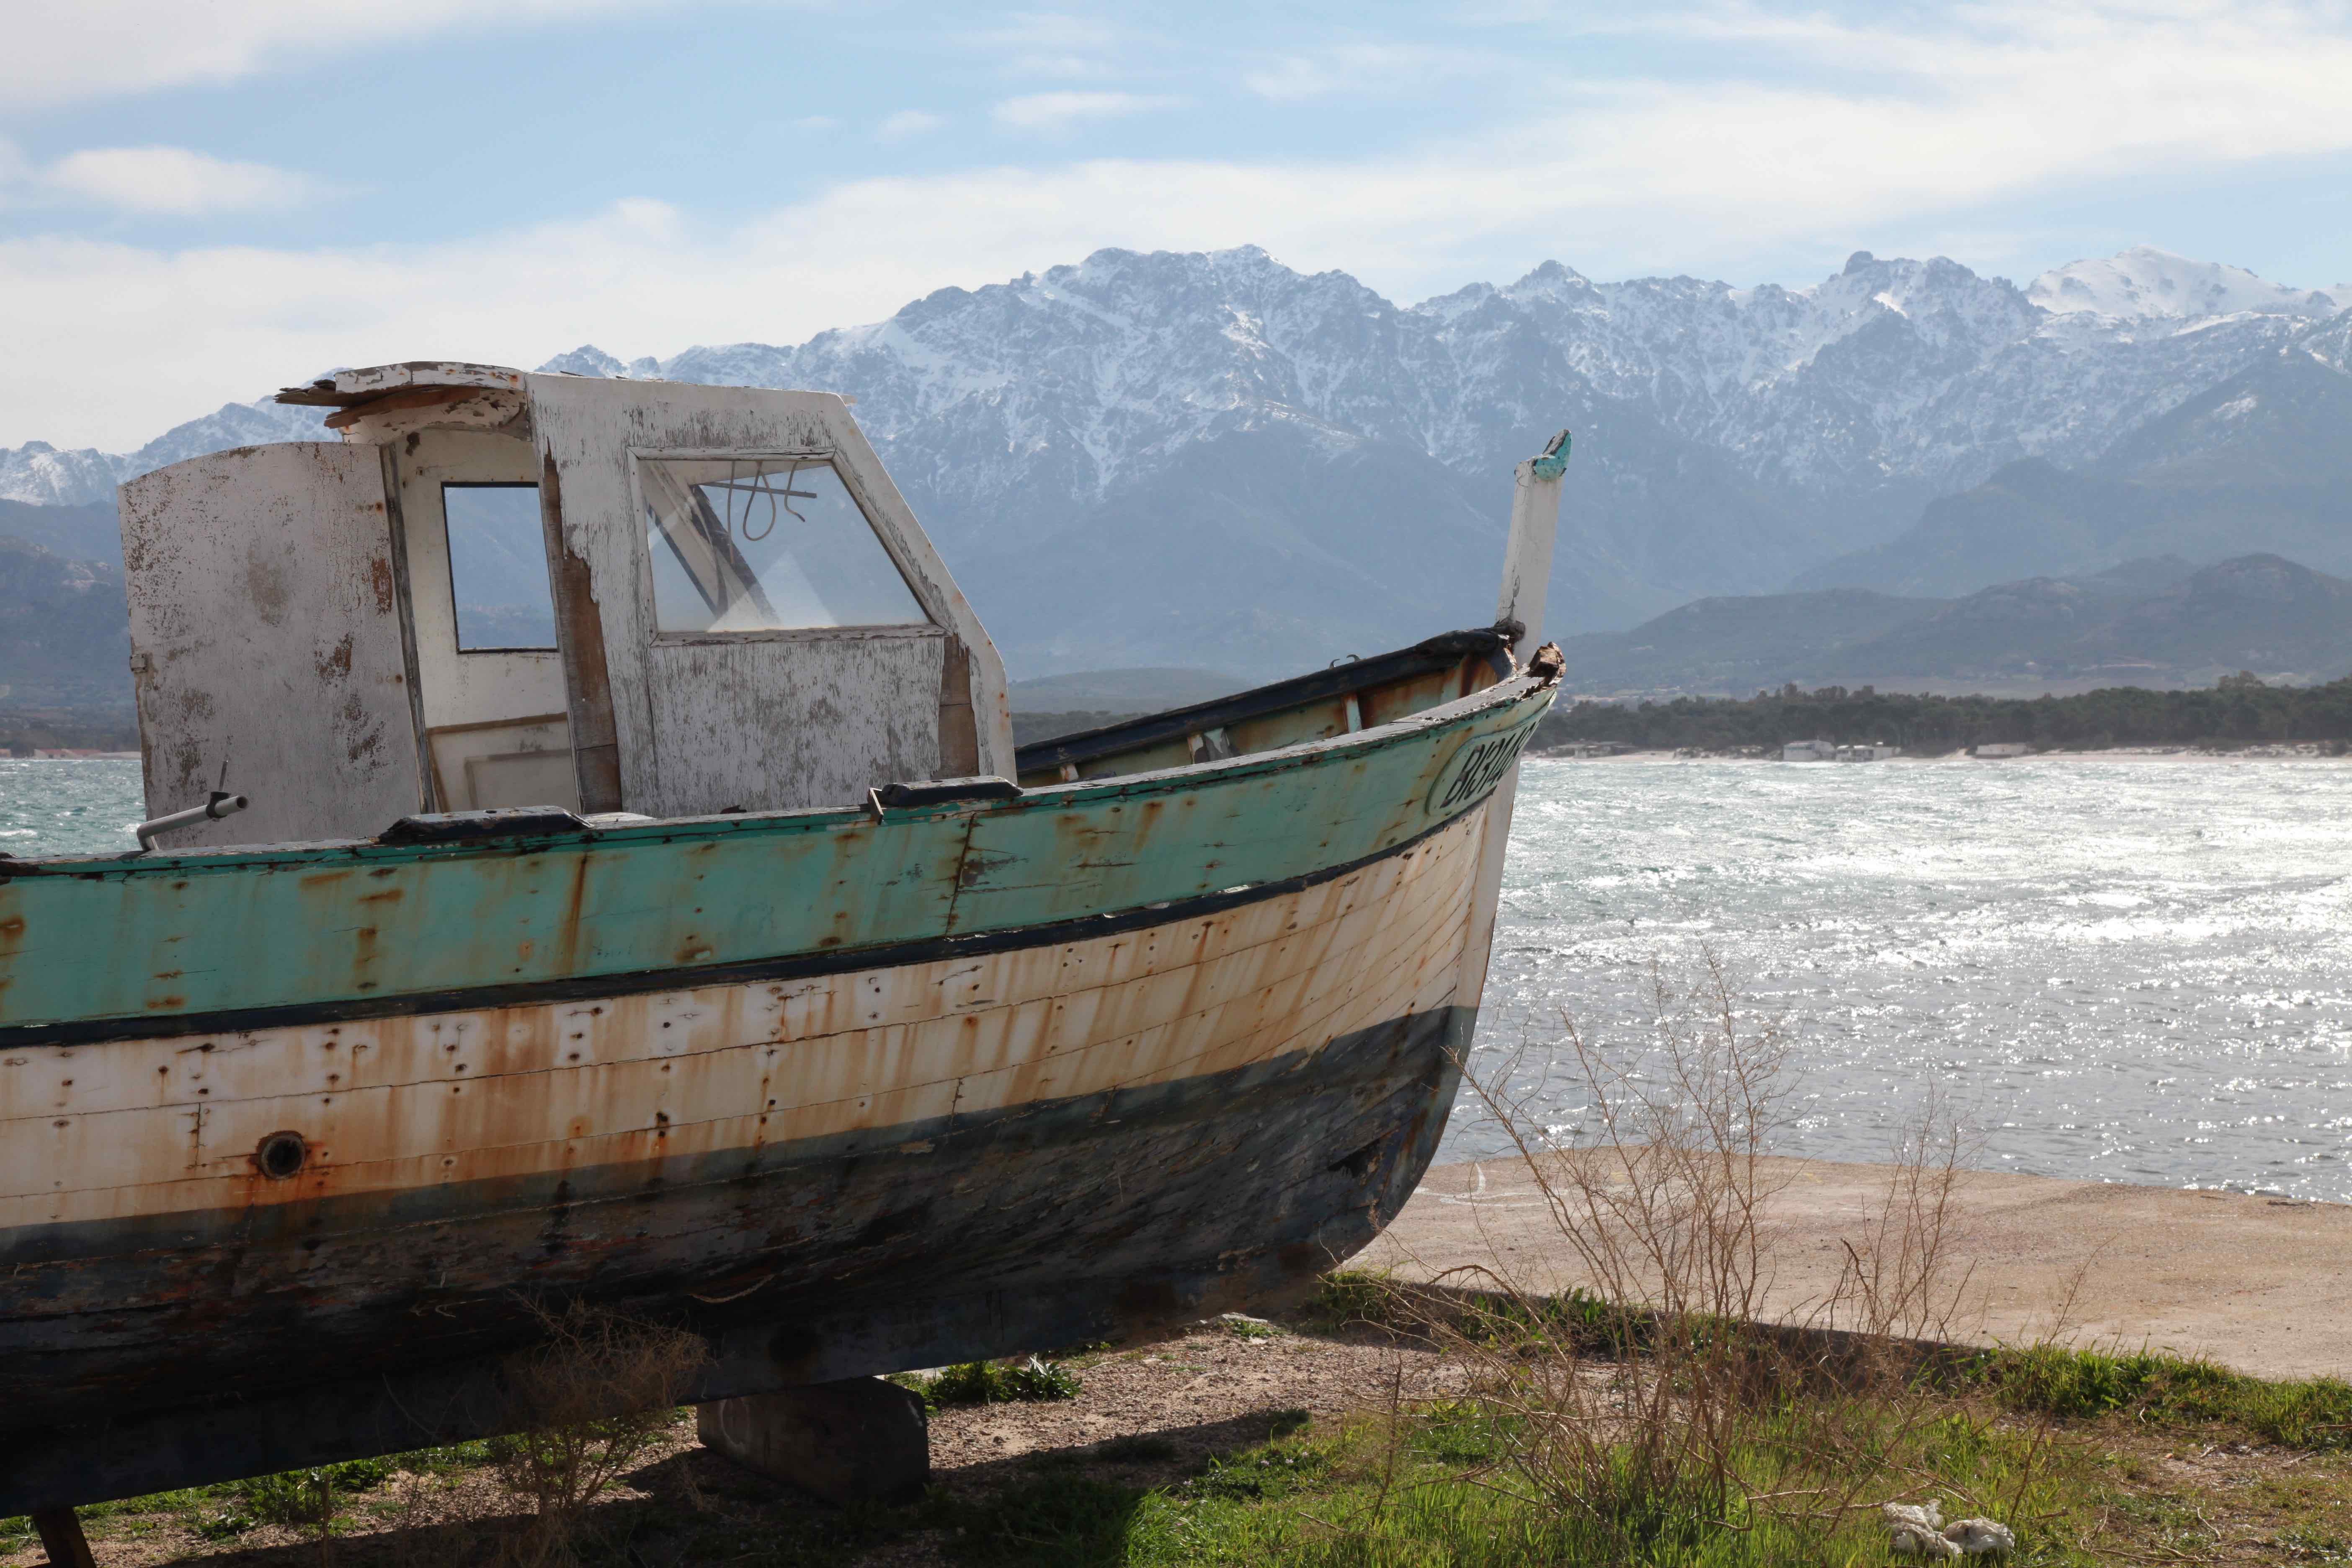 Am Ende einer langen Reise, Calvi, Korsika, Christian von Stosch